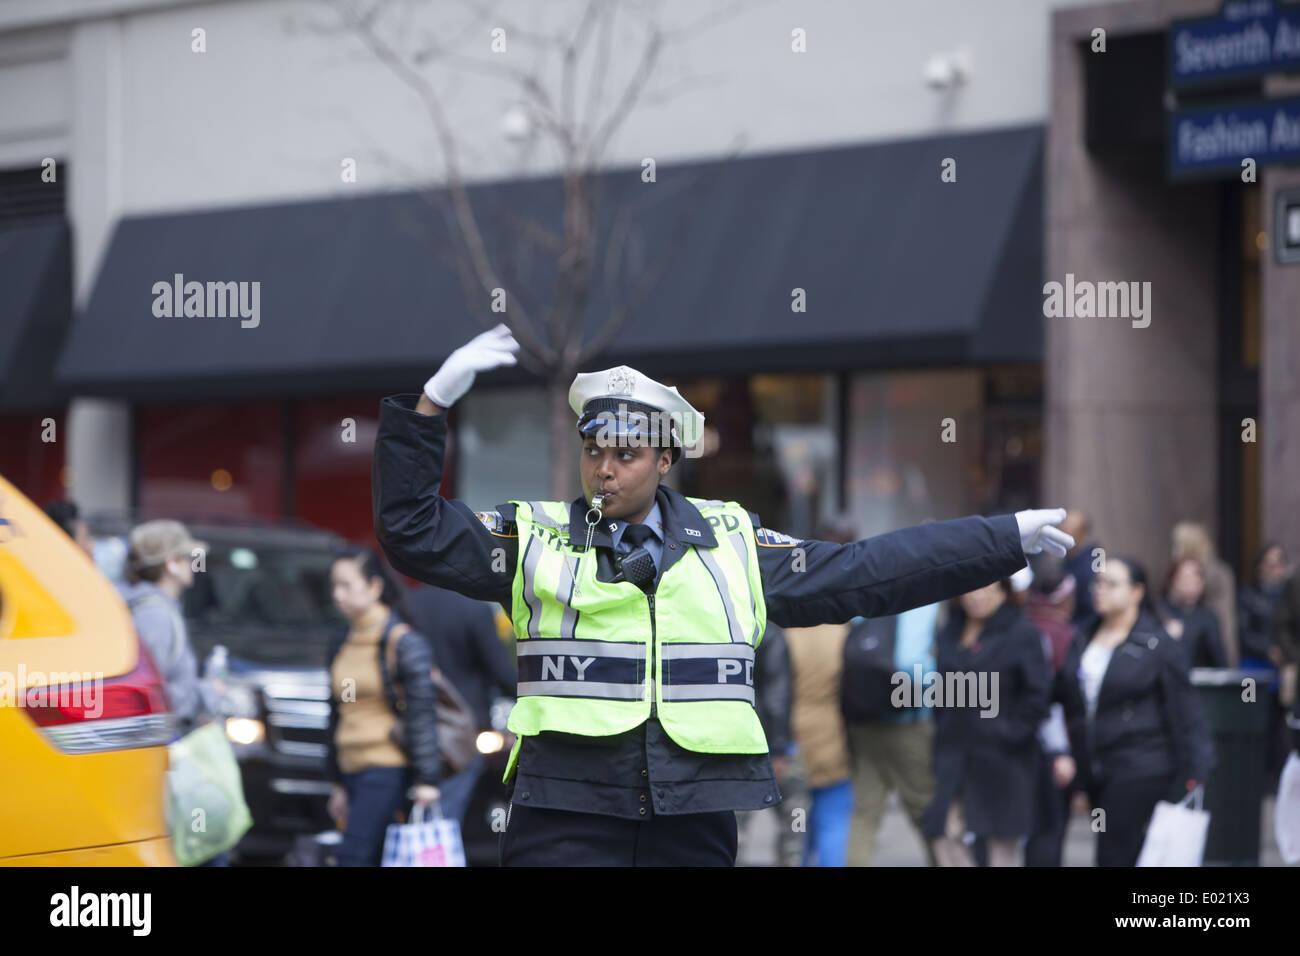 Sie haben Ihr cool ein verkehrspolizist an der 34th und Broadway werden von Macy's in New York zu halten. Stockbild